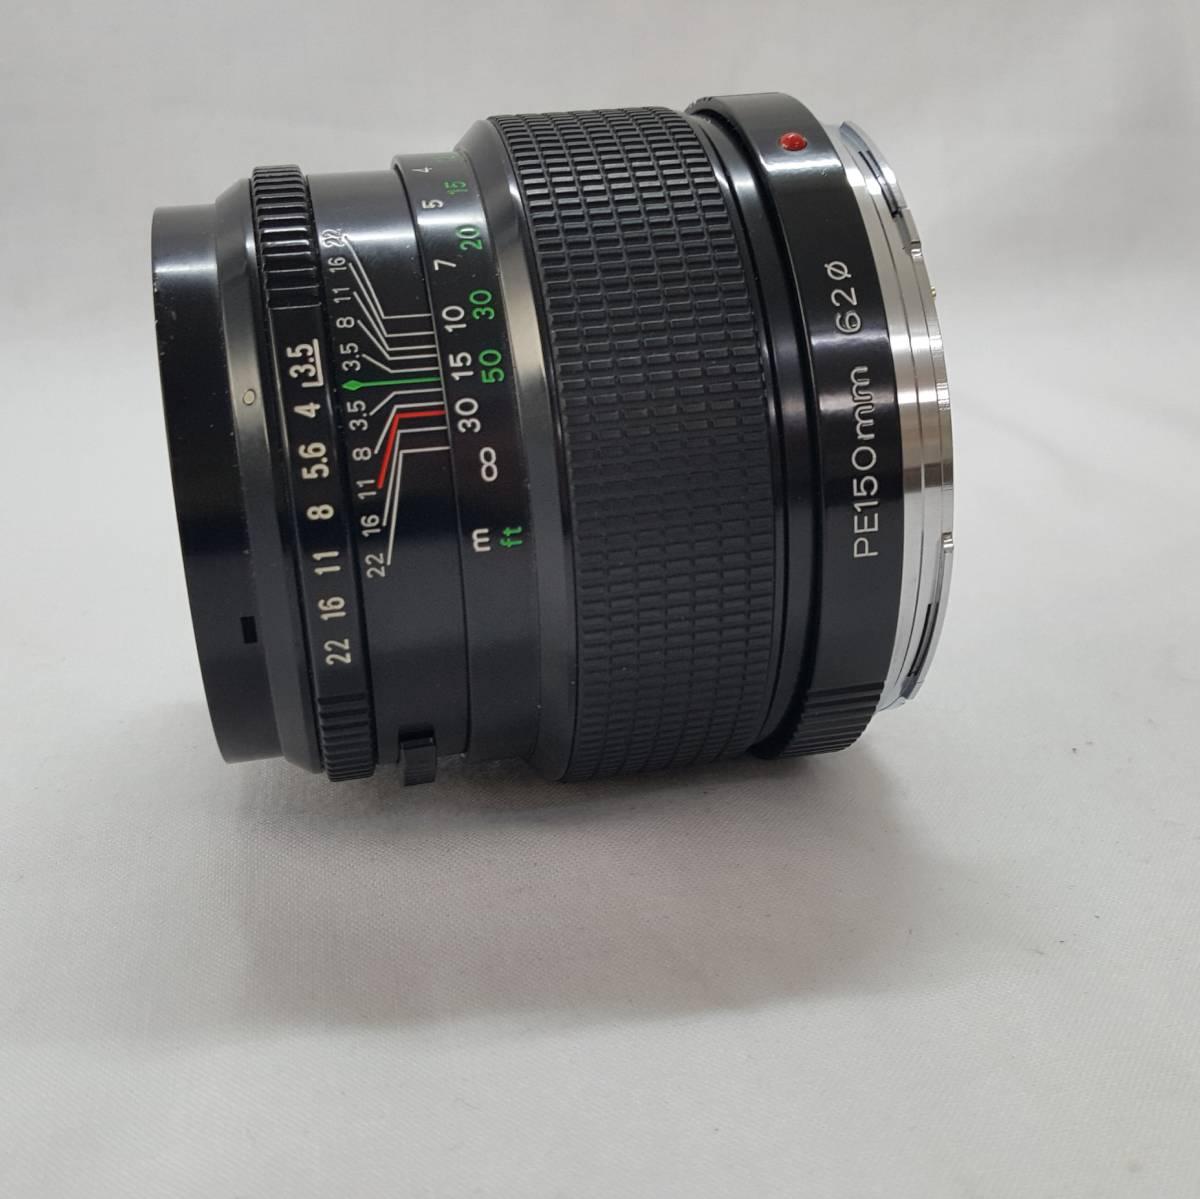 ZENZA BRONICA ETR M52 16837. ZENZANON-PE 1:3.5 f=150mm 15800769 ゼンザブロニカ 美品 レンズ+付属 (A-67)_画像6